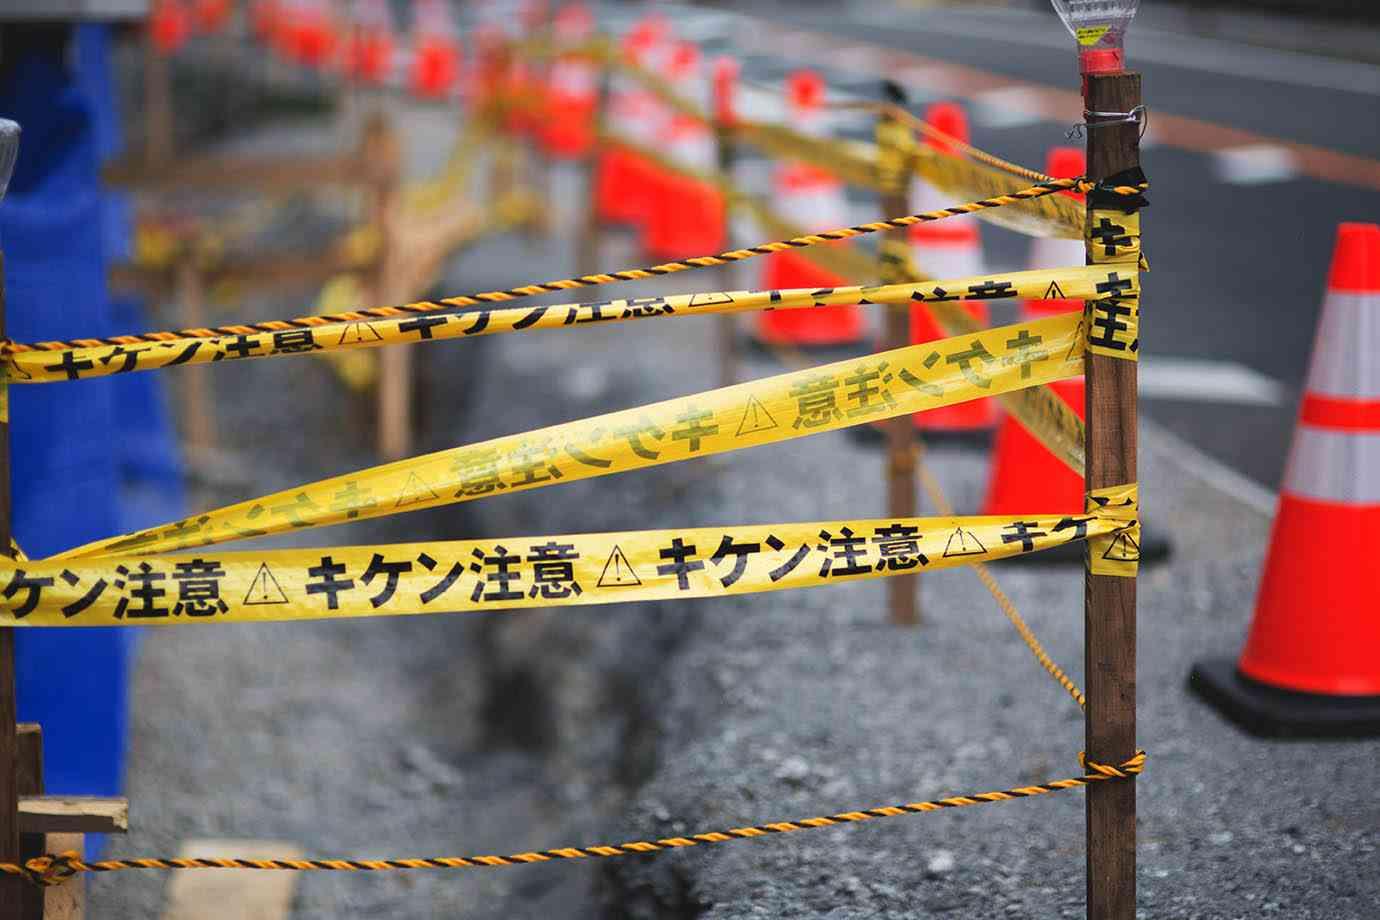 【必見】東京都が「激しく危ない震災危険マップ」を公開 / あなたの地域は大丈夫かすぐチェック可能   バズプラスニュース Buzz+